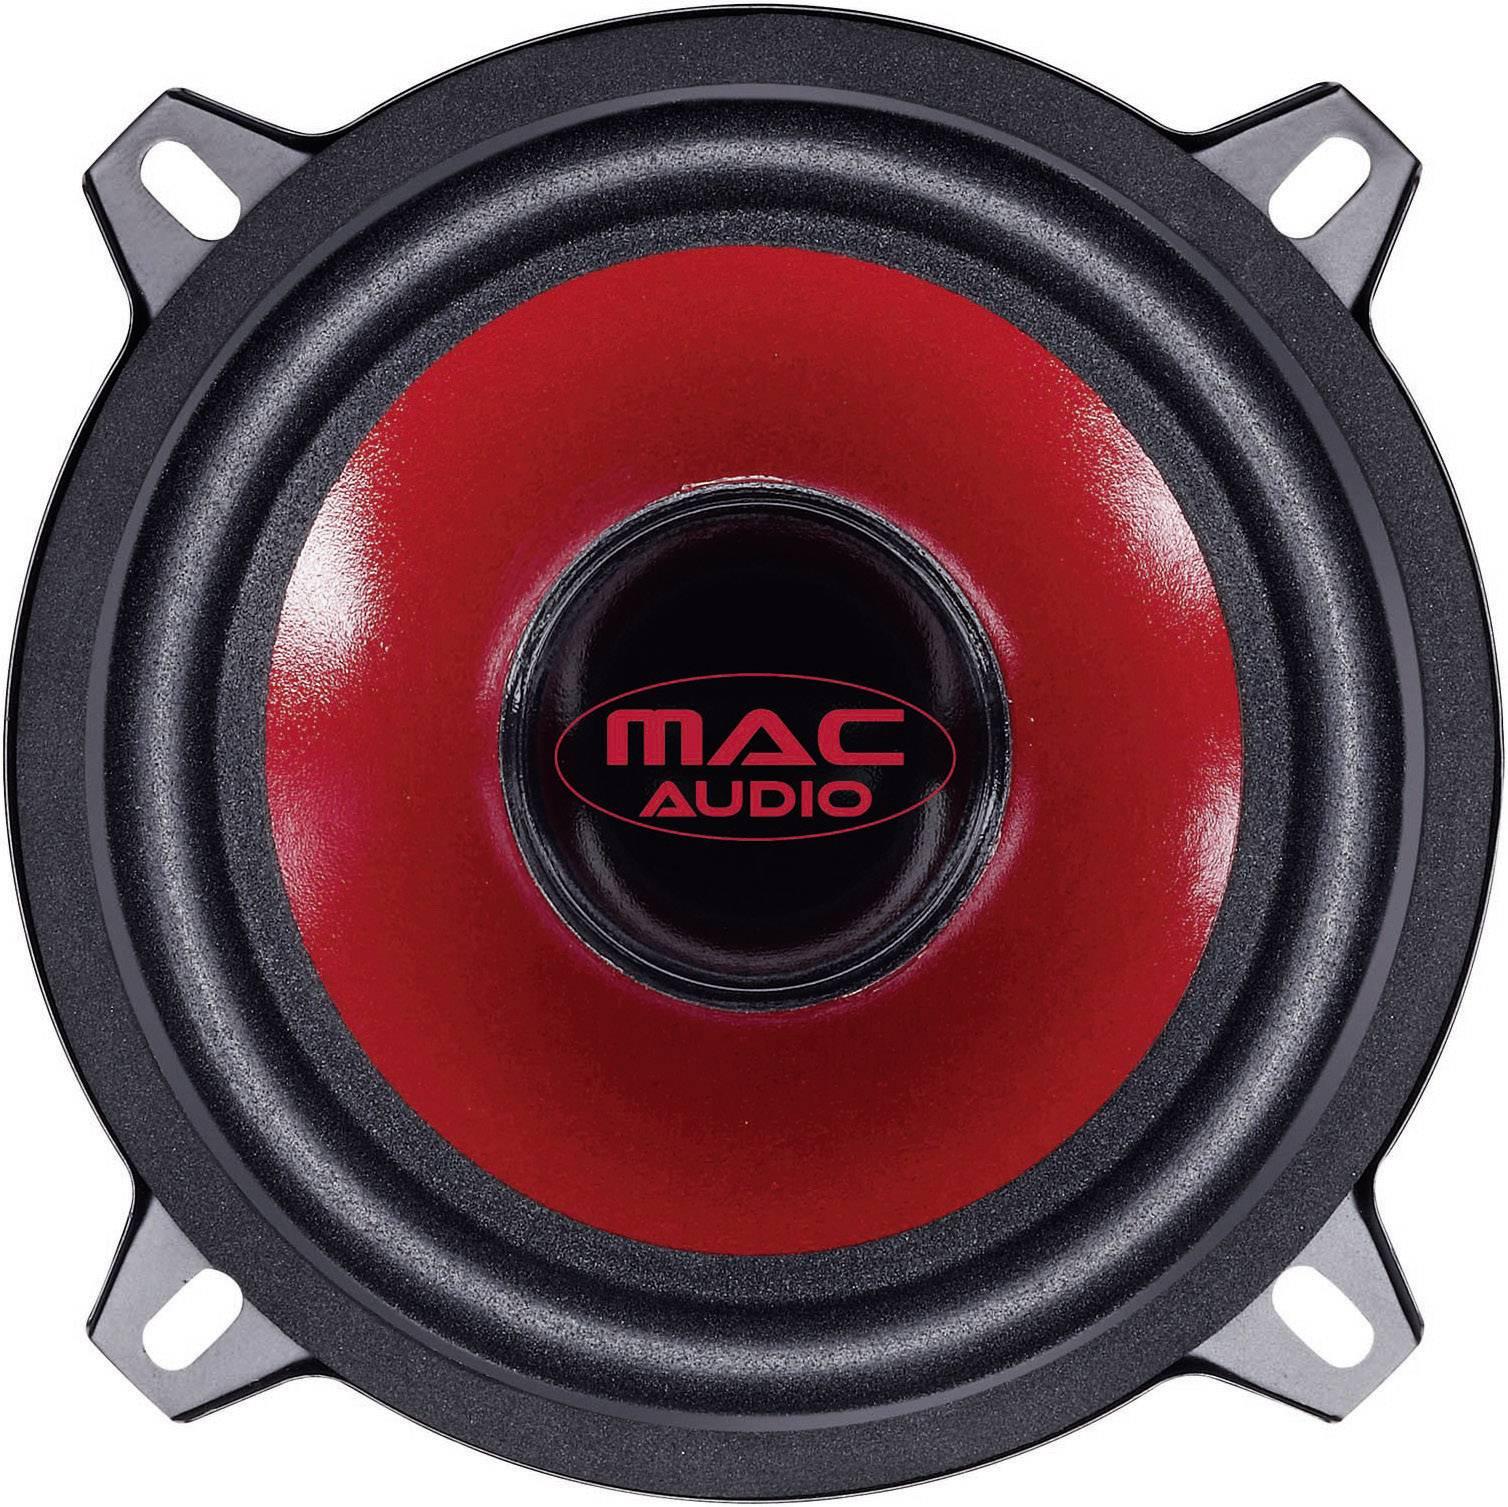 Sada 2cestných vstavaných reproduktorov Mac Audio APM Fire 2.13, 240 W